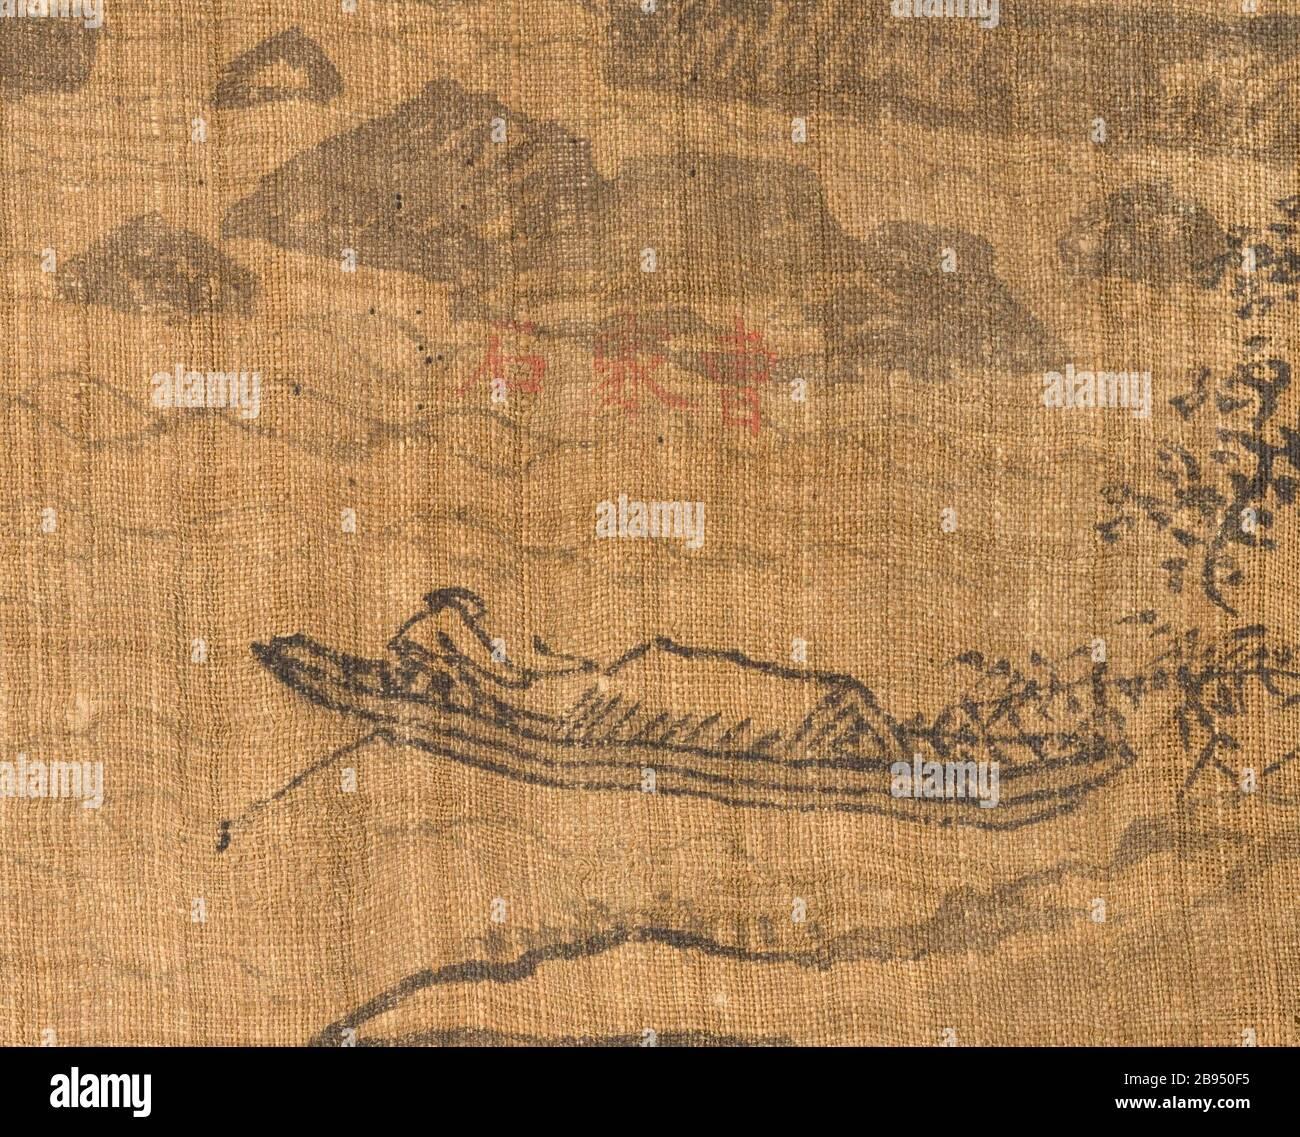 """""""El sexto de los nueve se dobla en el monte Wuyi, China (Imagen 2 de 5); en inglés: Corea, coreano, la dinastía Joseon (1392-1910), pinturas del siglo xvii colgando de desplazarse, tinta de ramie o cáñamo imagen: 20 3/4 x 23 1/8 pulg. (52,71 x 58.74 cm); el monte: 48 3/4 x 25 in. (123.83 x 63,5 cm); el rodillo: 27 1/4 pulg. (69.22 cm) adquiridos con fondos del Museo (M.2000.15.20) arte coreano; siglo XVII fecha QS:P571,+1650-00-00T00:00:00Z/7; ' Foto de stock"""